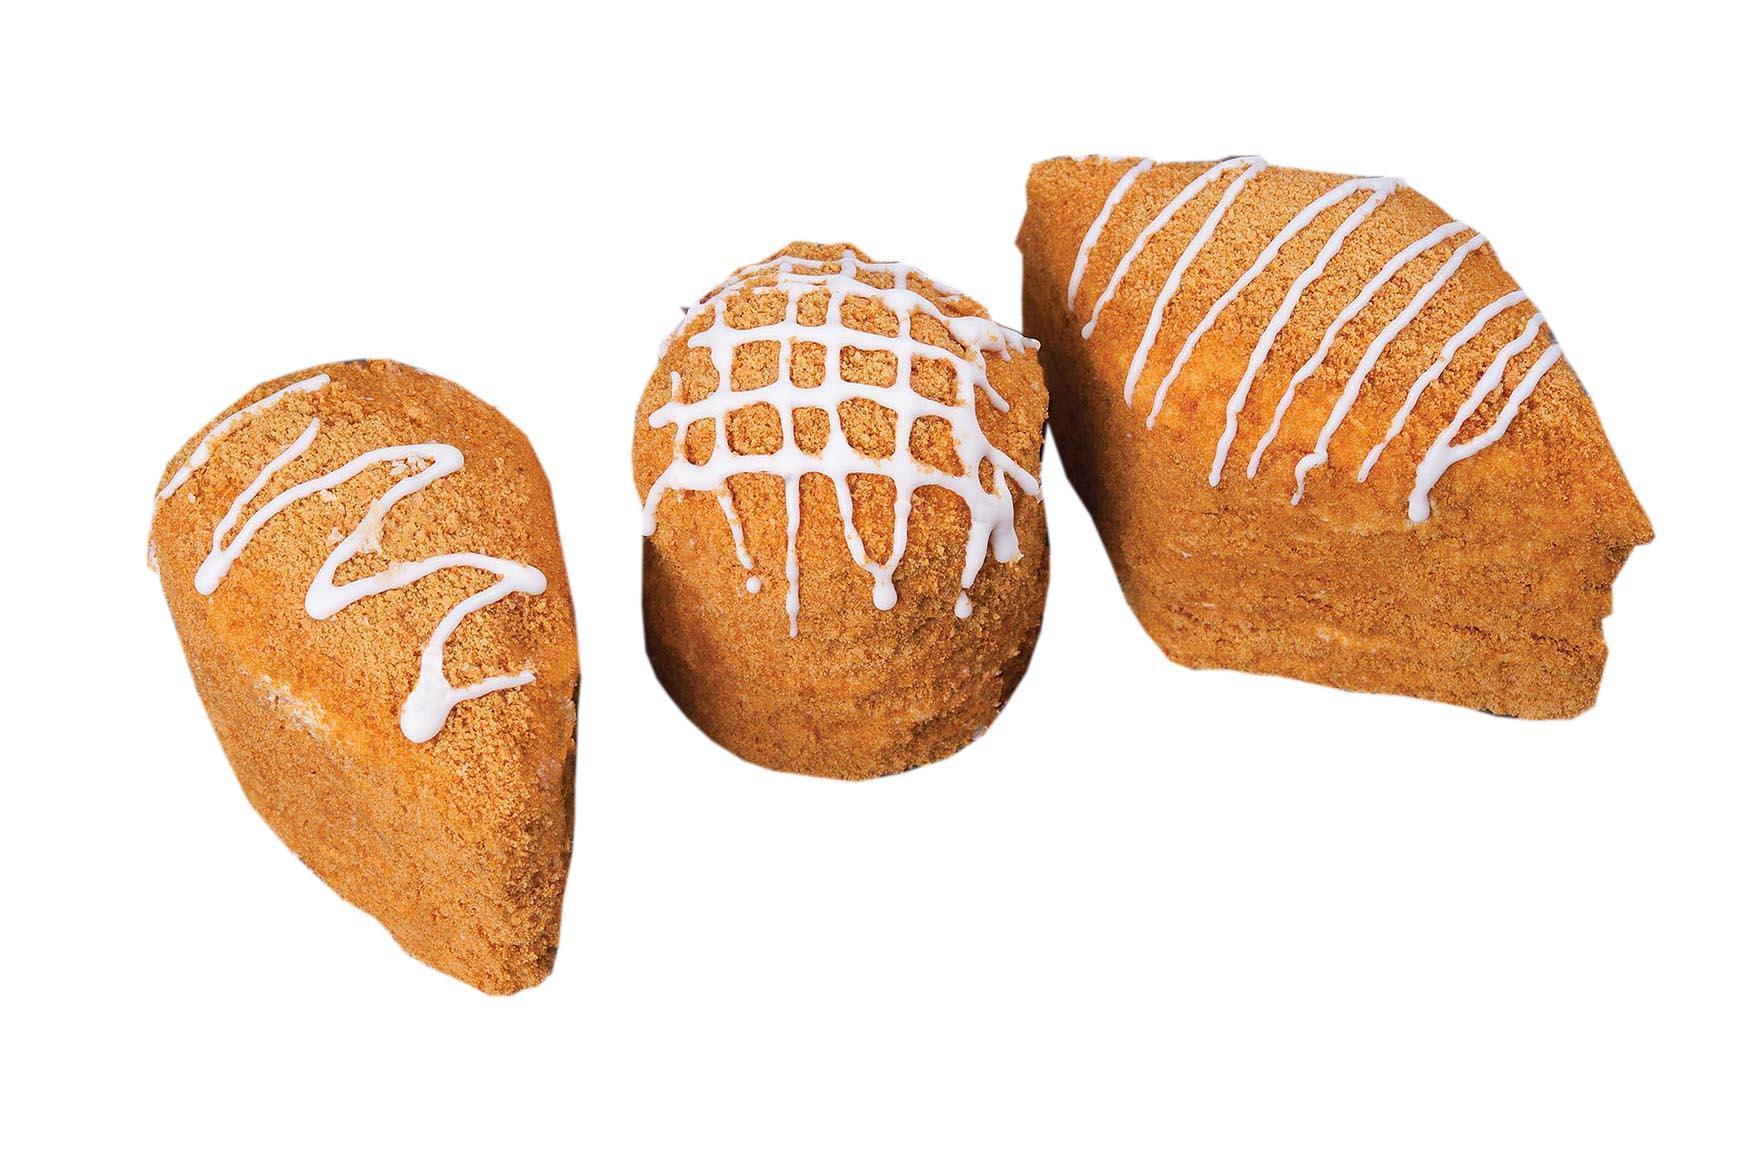 Пирожные Слоянка Медовые крошки в креме КРУ